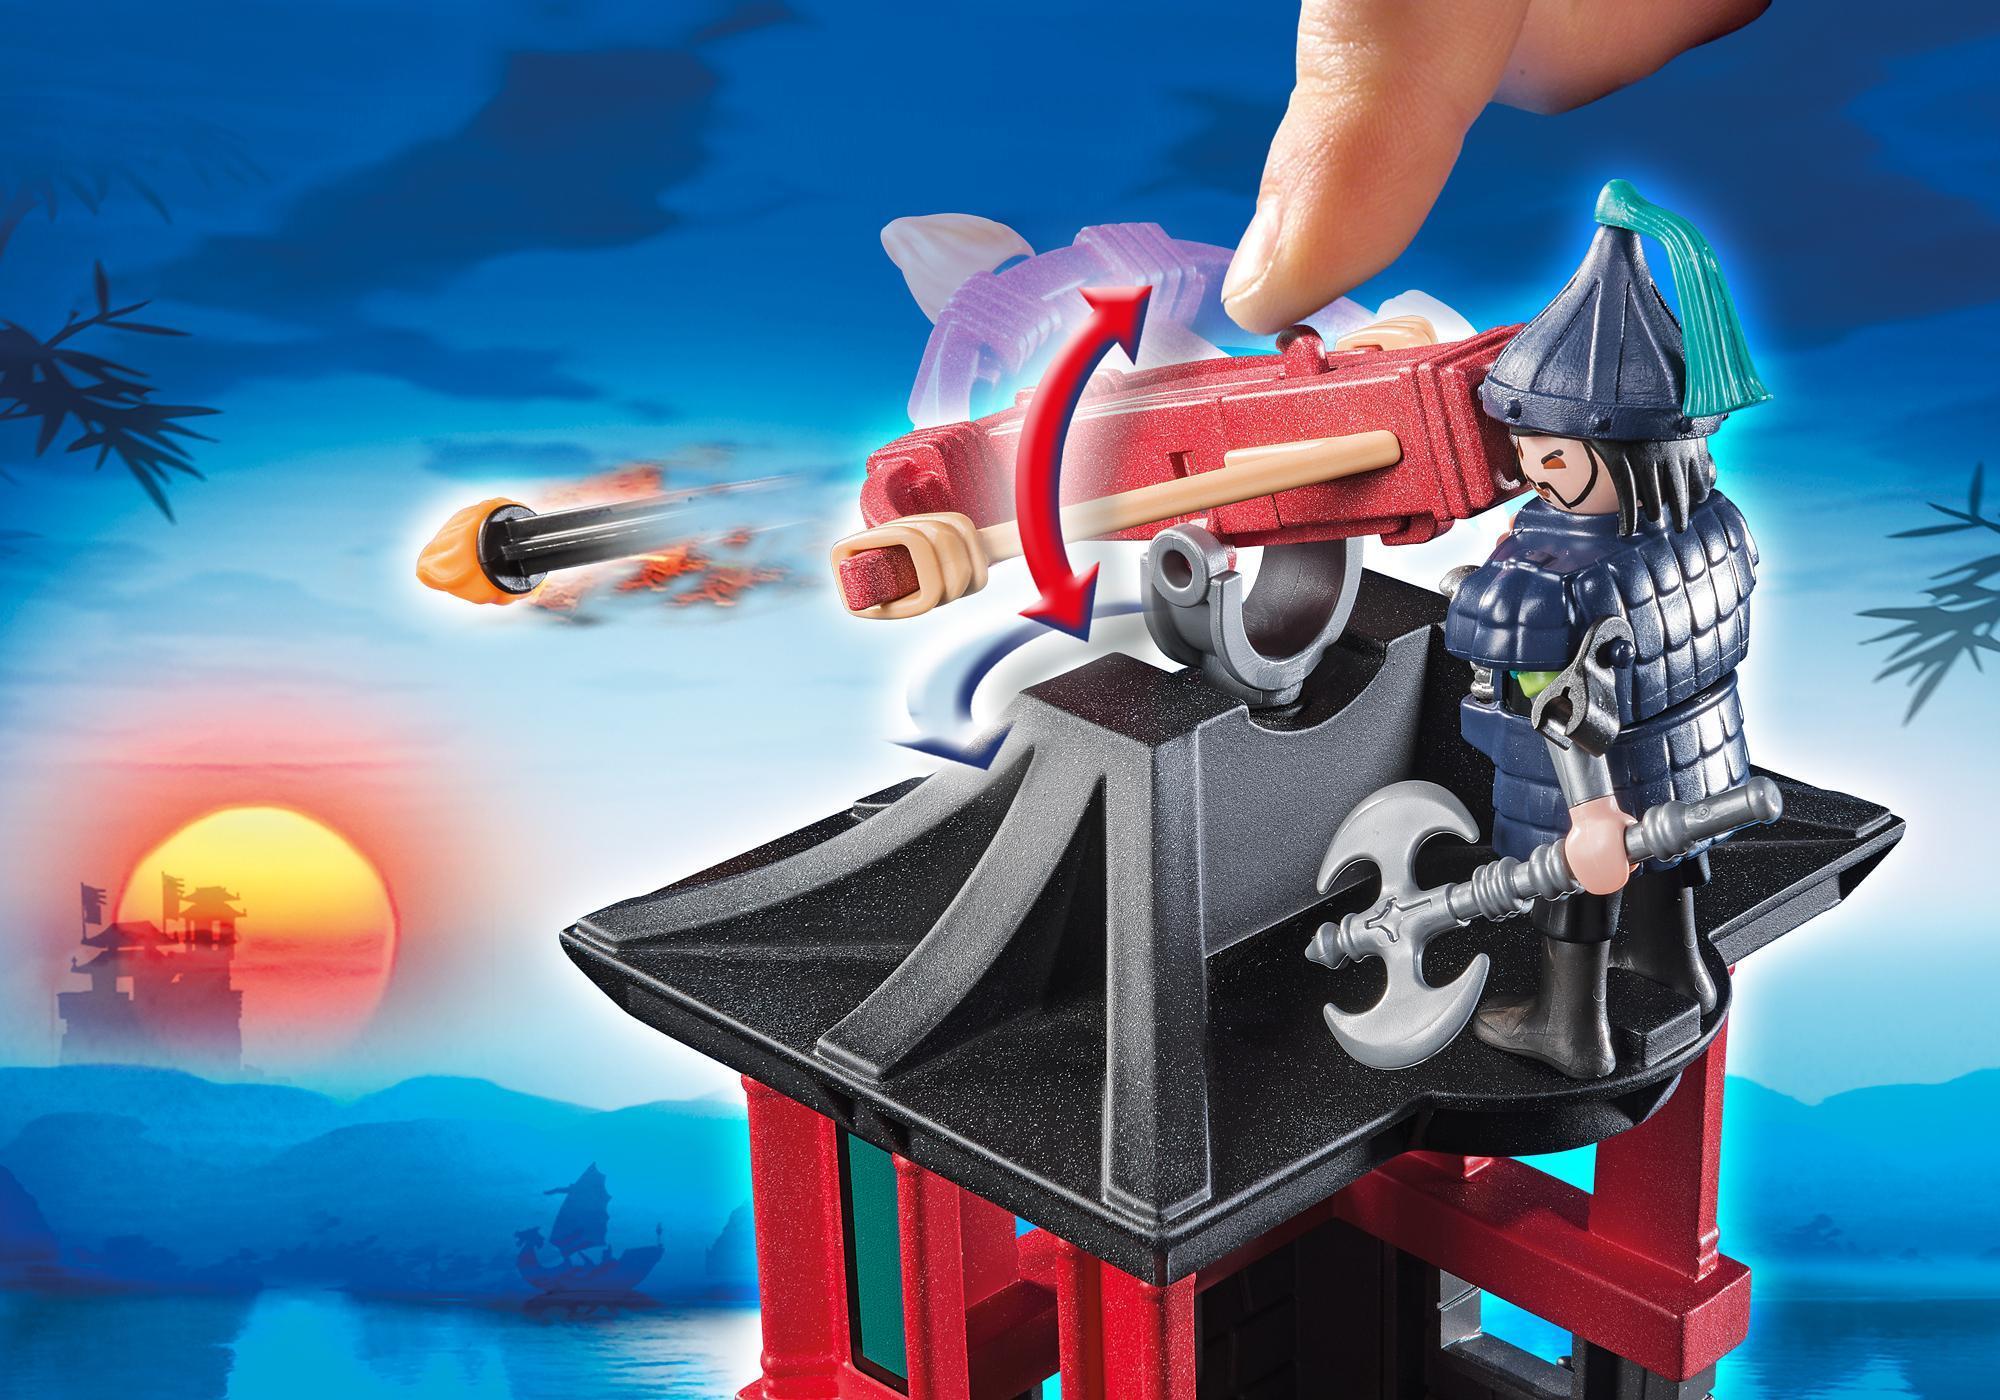 http://media.playmobil.com/i/playmobil/5480_product_extra1/Tajemnicza smocza twierdza